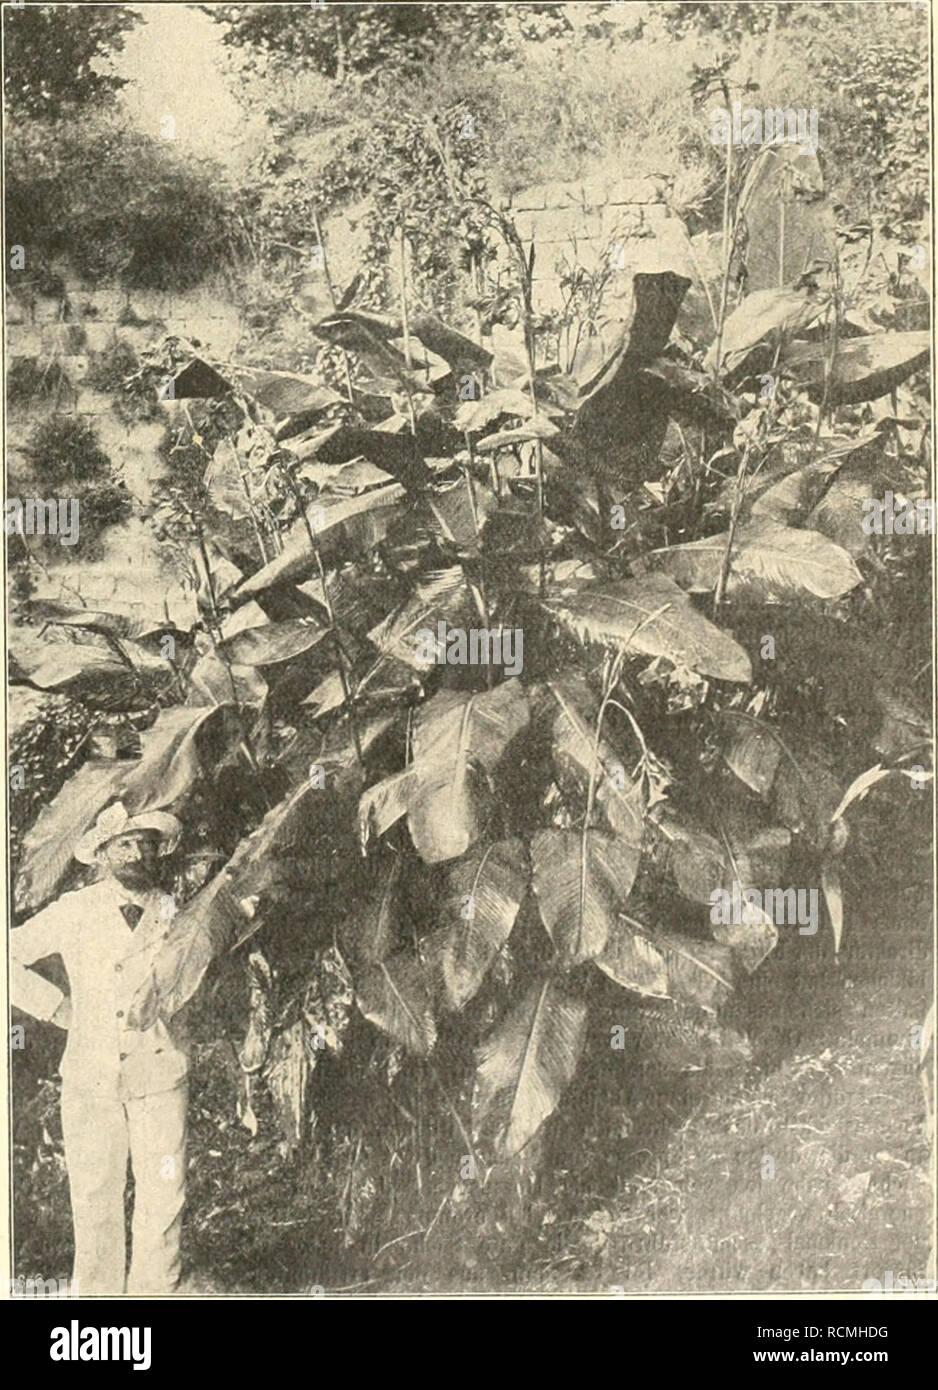 . Die Gartenwelt. Gardening. IX, 42 Die Gartenwelt. 497 Einzelpflanzung oder in kleinen Qnippen an Teich- oder Grabenrilndern, wo die Wurzeln möglichst dauernd im durch- näßten Uferboden wuchern können, entwickeln sich diese Cmina prächtig und sind dort von unübertrefflicher malerischer Wirkung. Welche riesenhaften Formen besonders kräftige Exemplare erreichen können, zeigt die untenstehende Abbildung nach einer in meinen Kulturen photographisch aufgenommenen, an einem Wassergraten stehende Pflanze, deren Blütenstiele bis zu 3^/^ m Höhe emporragen. Ich muß allerdings erwähnen, daß der Wurzelst Stock Photo